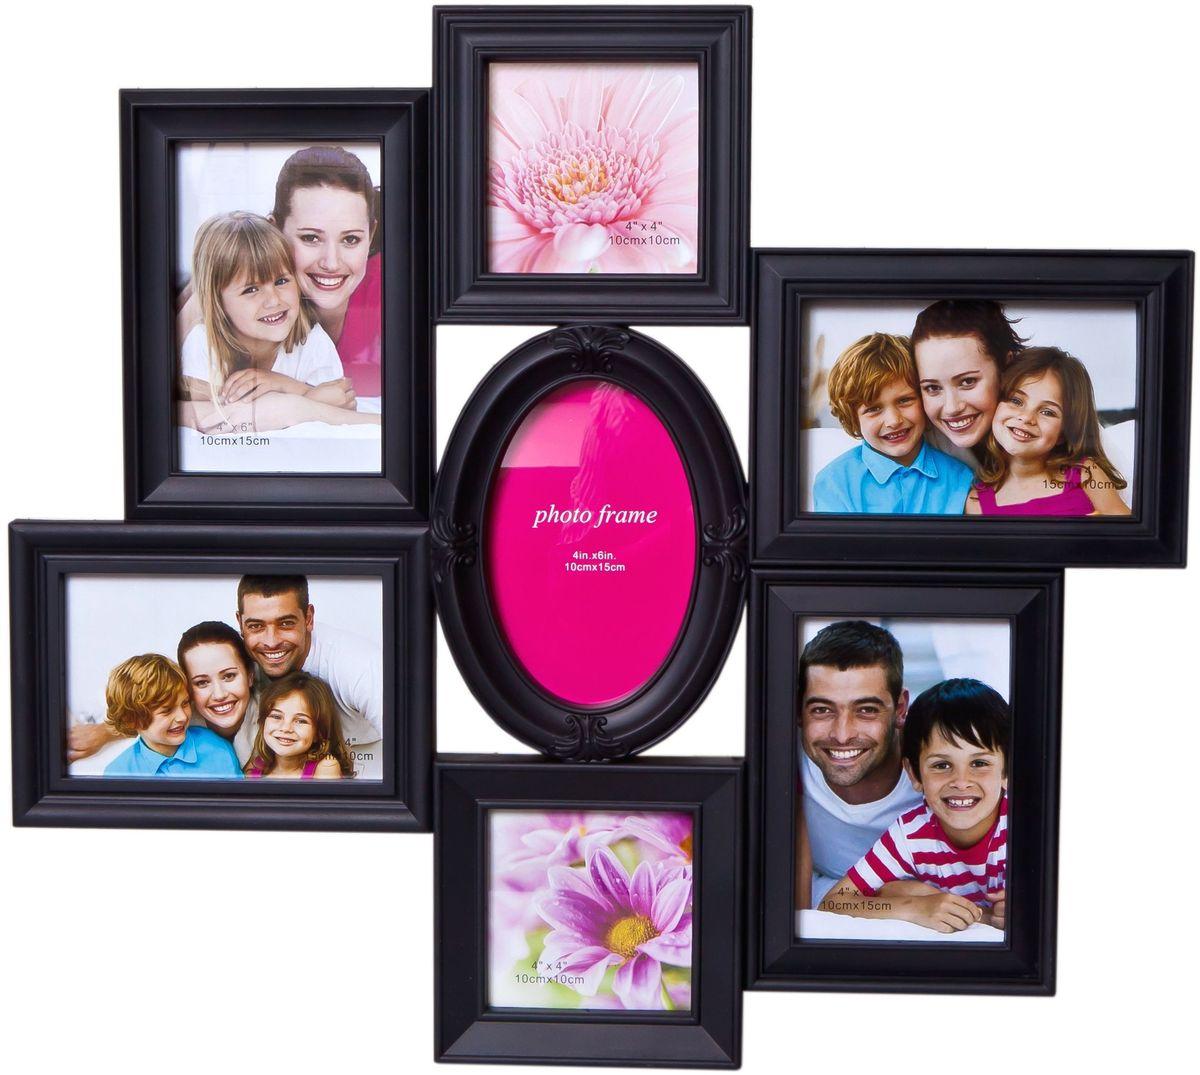 Фоторамка Platinum, цвет: черный, на 7 фото. BH-1313U210DFФоторамка Platinum - прекрасный способ красиво оформить ваши фотографии. Фоторамка выполнена из пластика и защищена стеклом. Фоторамка-коллаж представляет собой семь фоторамок для фото разного размера оригинально соединенных между собой. Такая фоторамка поможет сохранить в памяти самые яркие моменты вашей жизни, а стильный дизайн сделает ее прекрасным дополнением интерьера комнаты.Фоторамка подходит для фото следующих размеров: 2 фото 10 х 10 см и 5 фото 10 х 15 см.Общий размер фоторамки: 50 х 45 см.